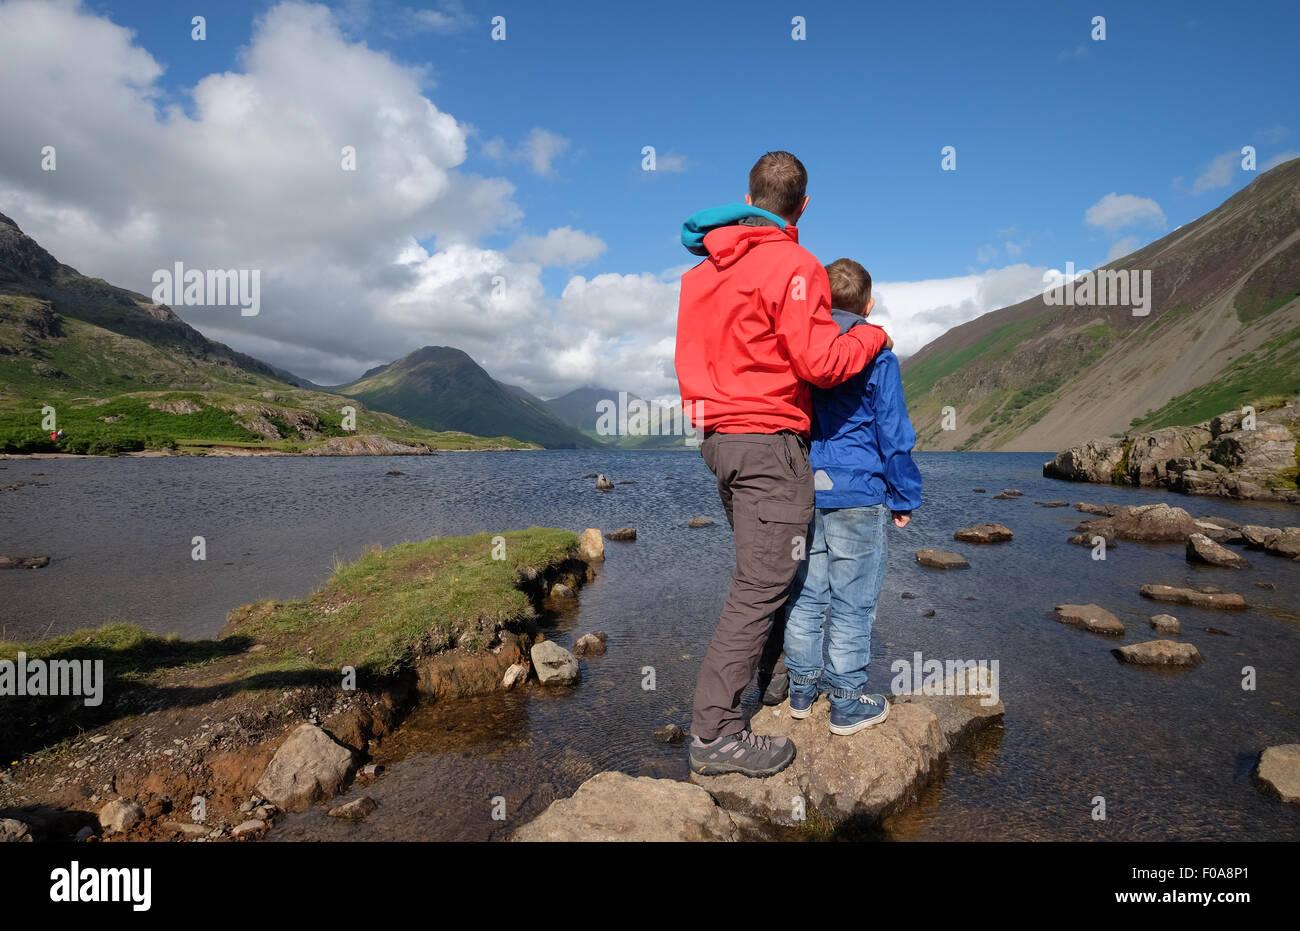 Vater und Sohn genießen Sie den Blick auf wastwater im Lake District, Cumbria, Großbritannien Stockbild